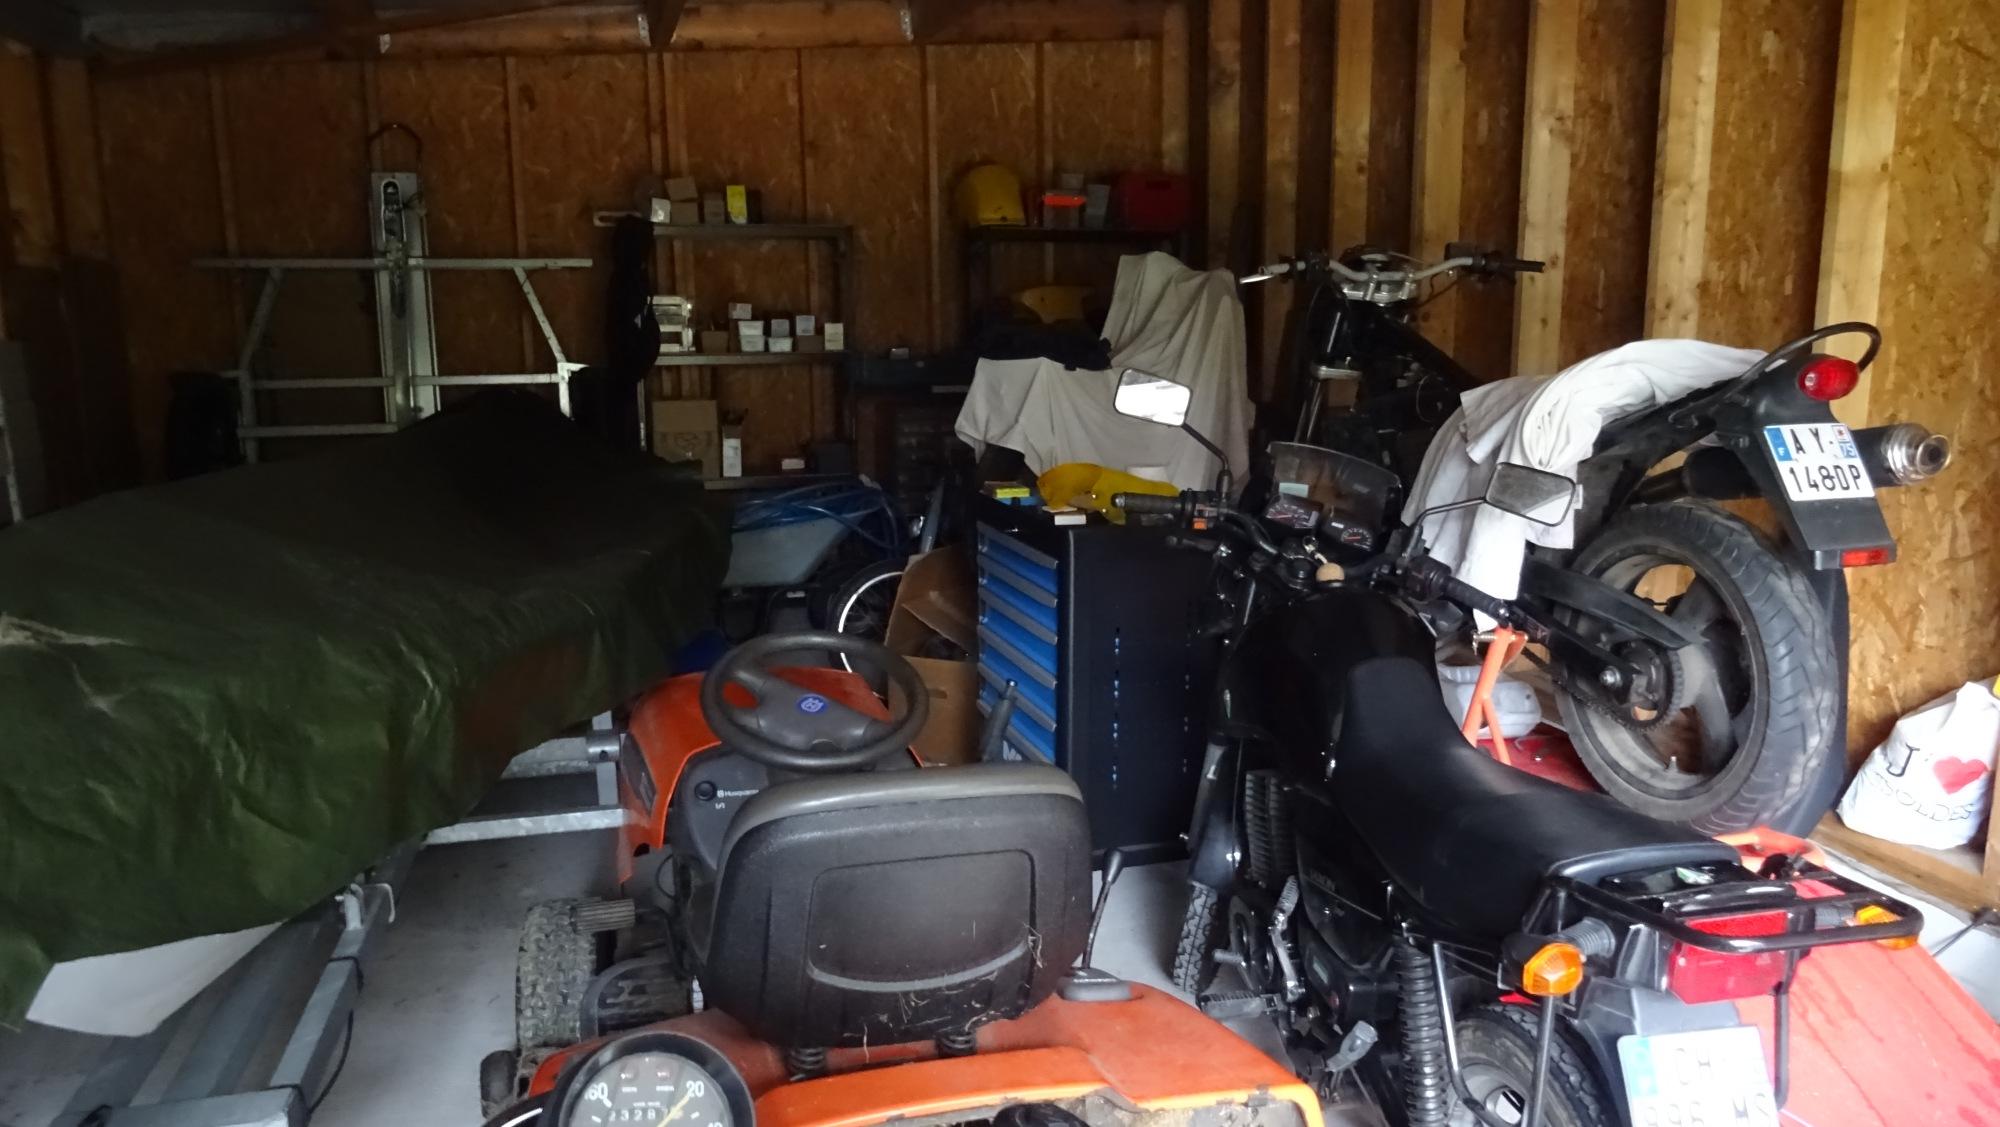 sortie du garage re-dé-re-dé-reconfiné de marzan DSC00596